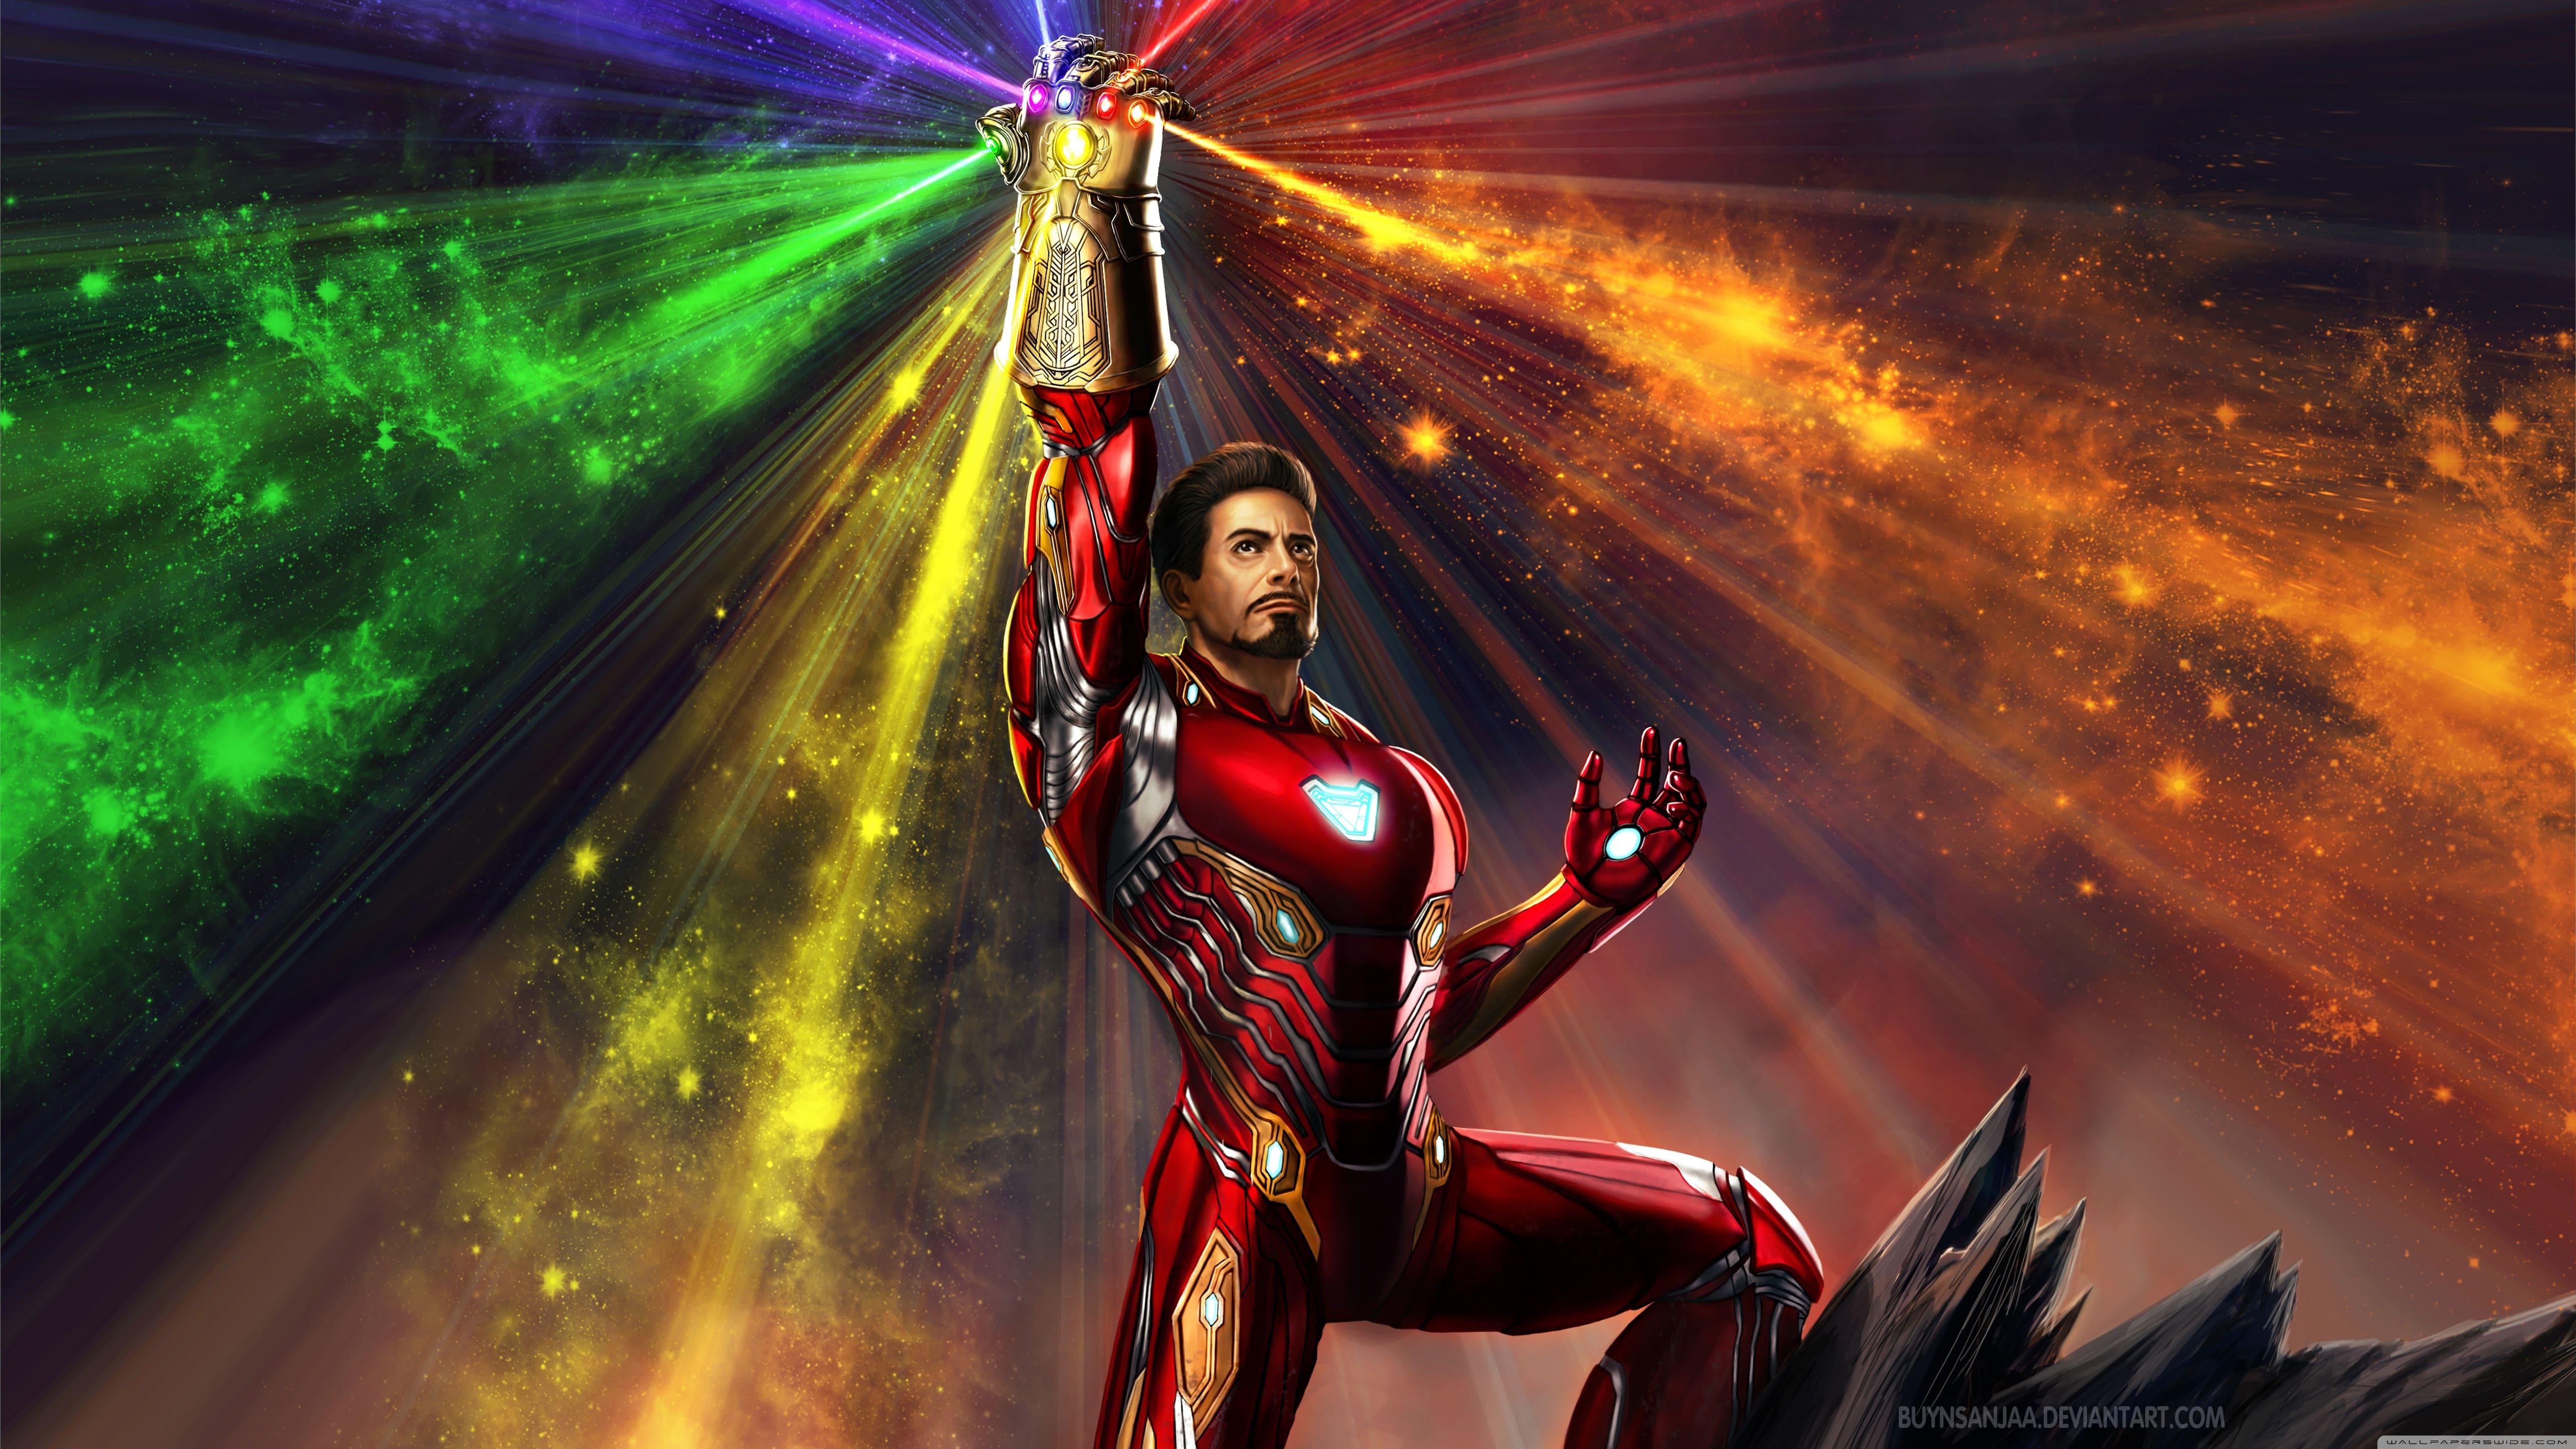 Мстители финал, обои супергерои марвел, завершение, 5120 на 2880 пикселей